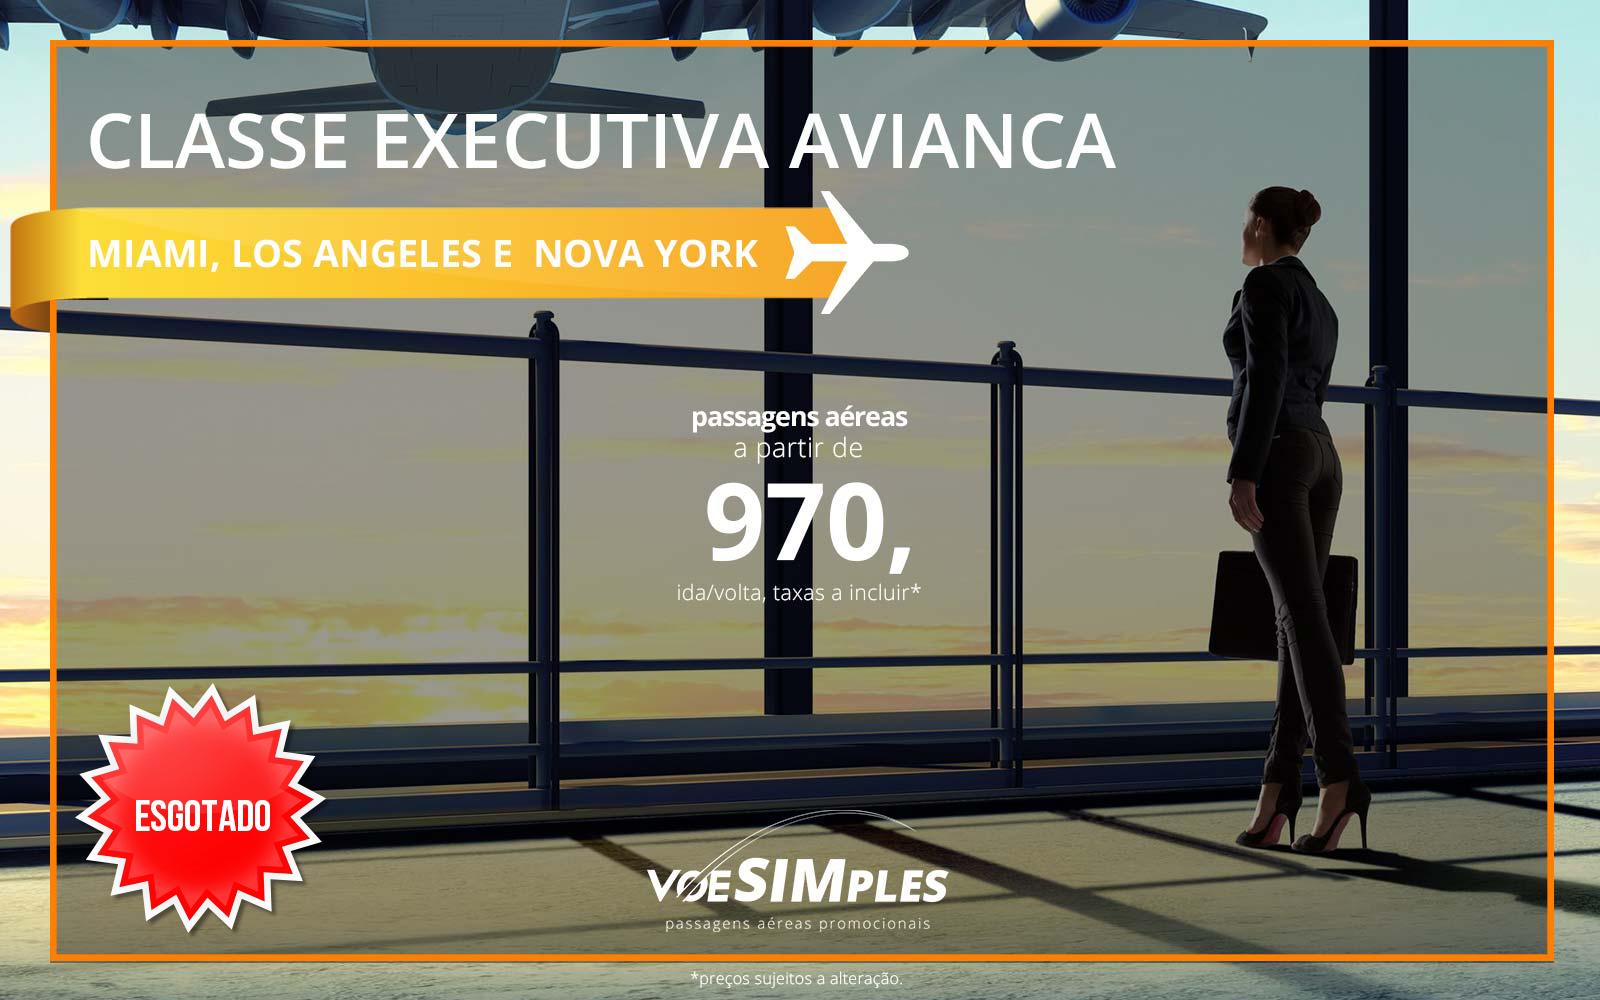 Passagem aérea Classe Executiva Avianca para os Estados Unidos